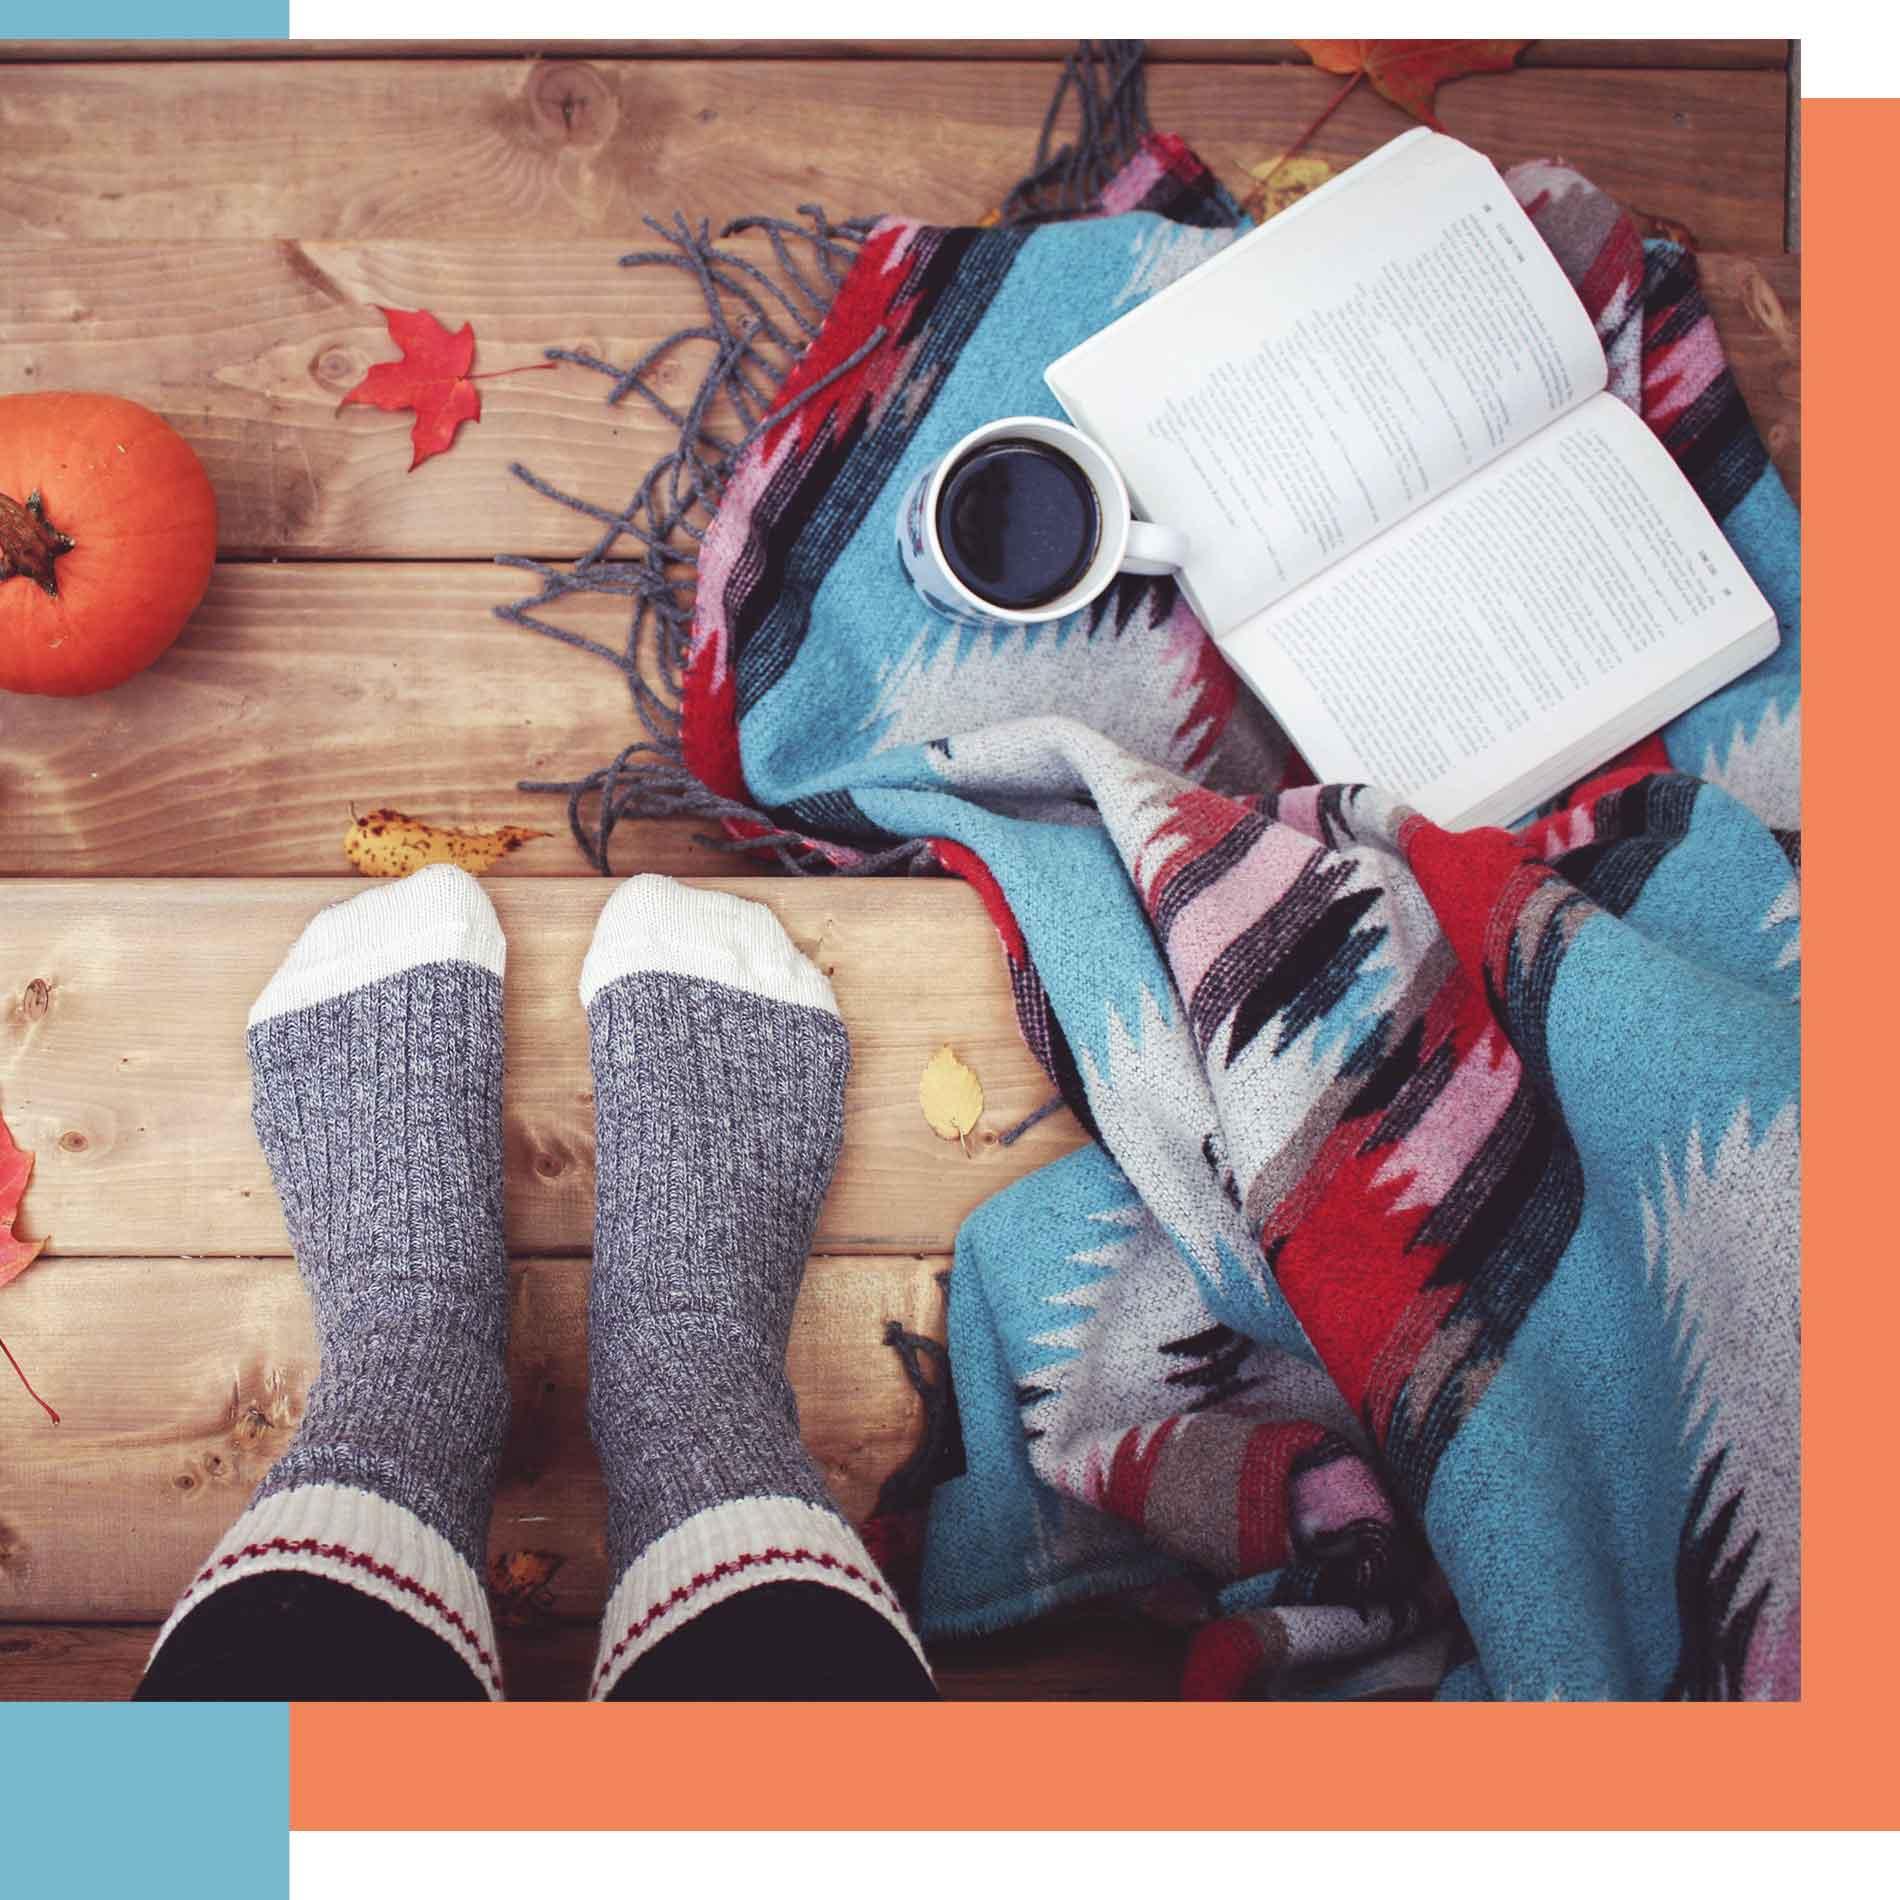 Herbst und Winter, Schöne Dinge im Herbst. Schöne Dinge im Winter, Darauf freuen wir uns im Herbst, Herbst. Winter, kalte Jahreszeit, Ruhe und Gemütlichkeit zu kalten Jahreszeit, Home, zu Hause, Leben, Lebensfreude